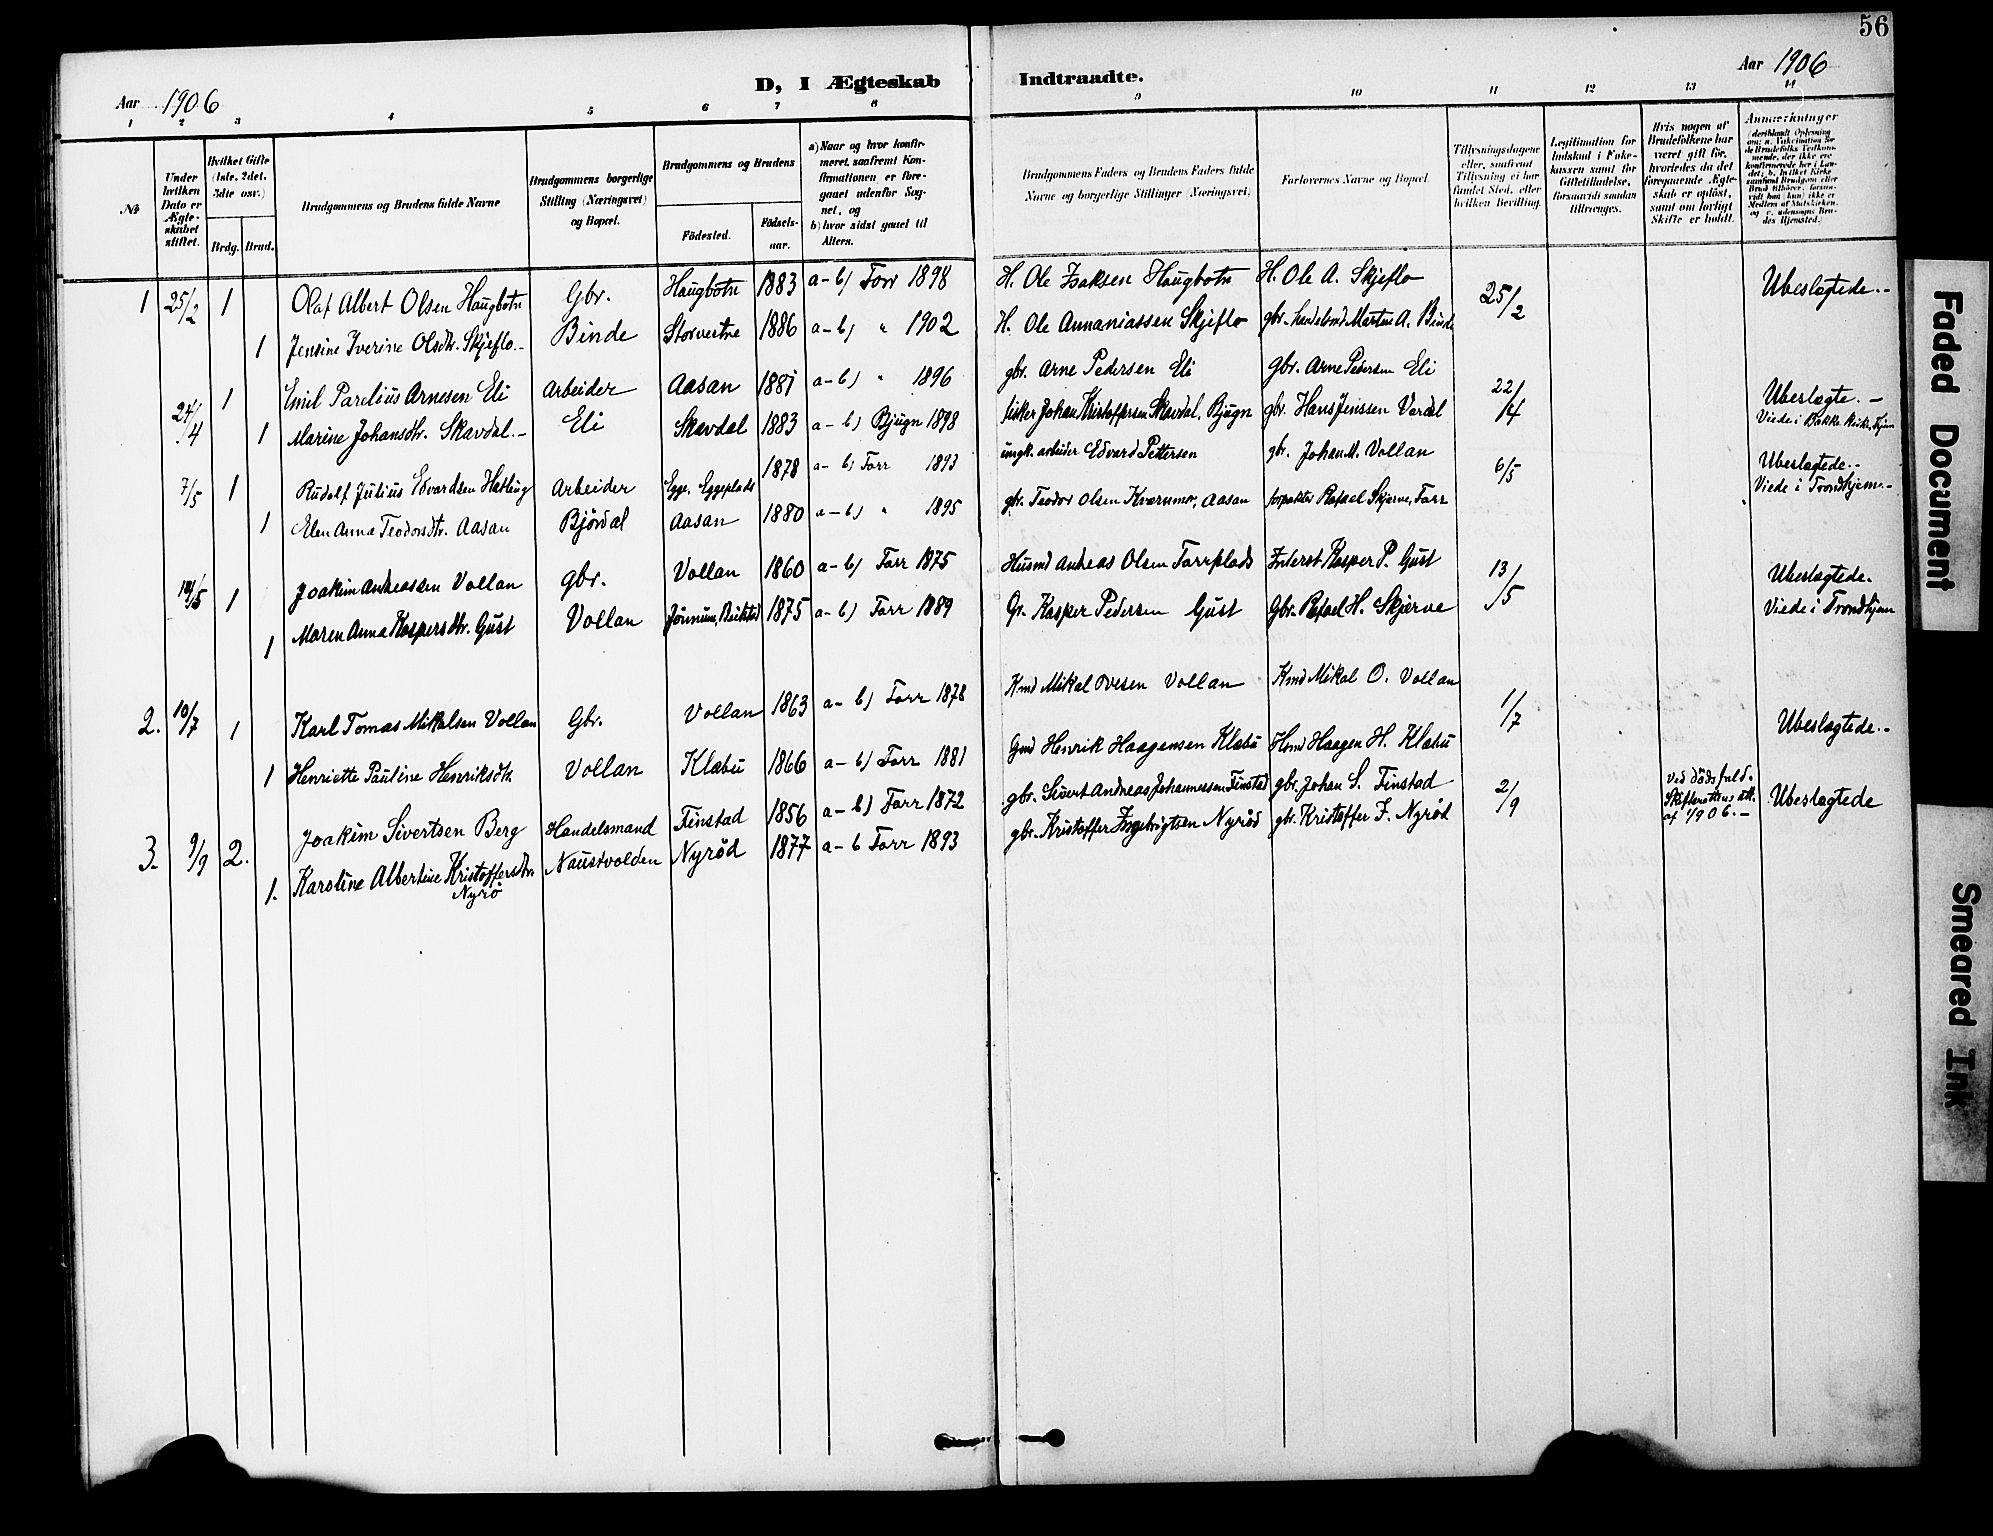 SAT, Ministerialprotokoller, klokkerbøker og fødselsregistre - Nord-Trøndelag, 746/L0452: Ministerialbok nr. 746A09, 1900-1908, s. 56